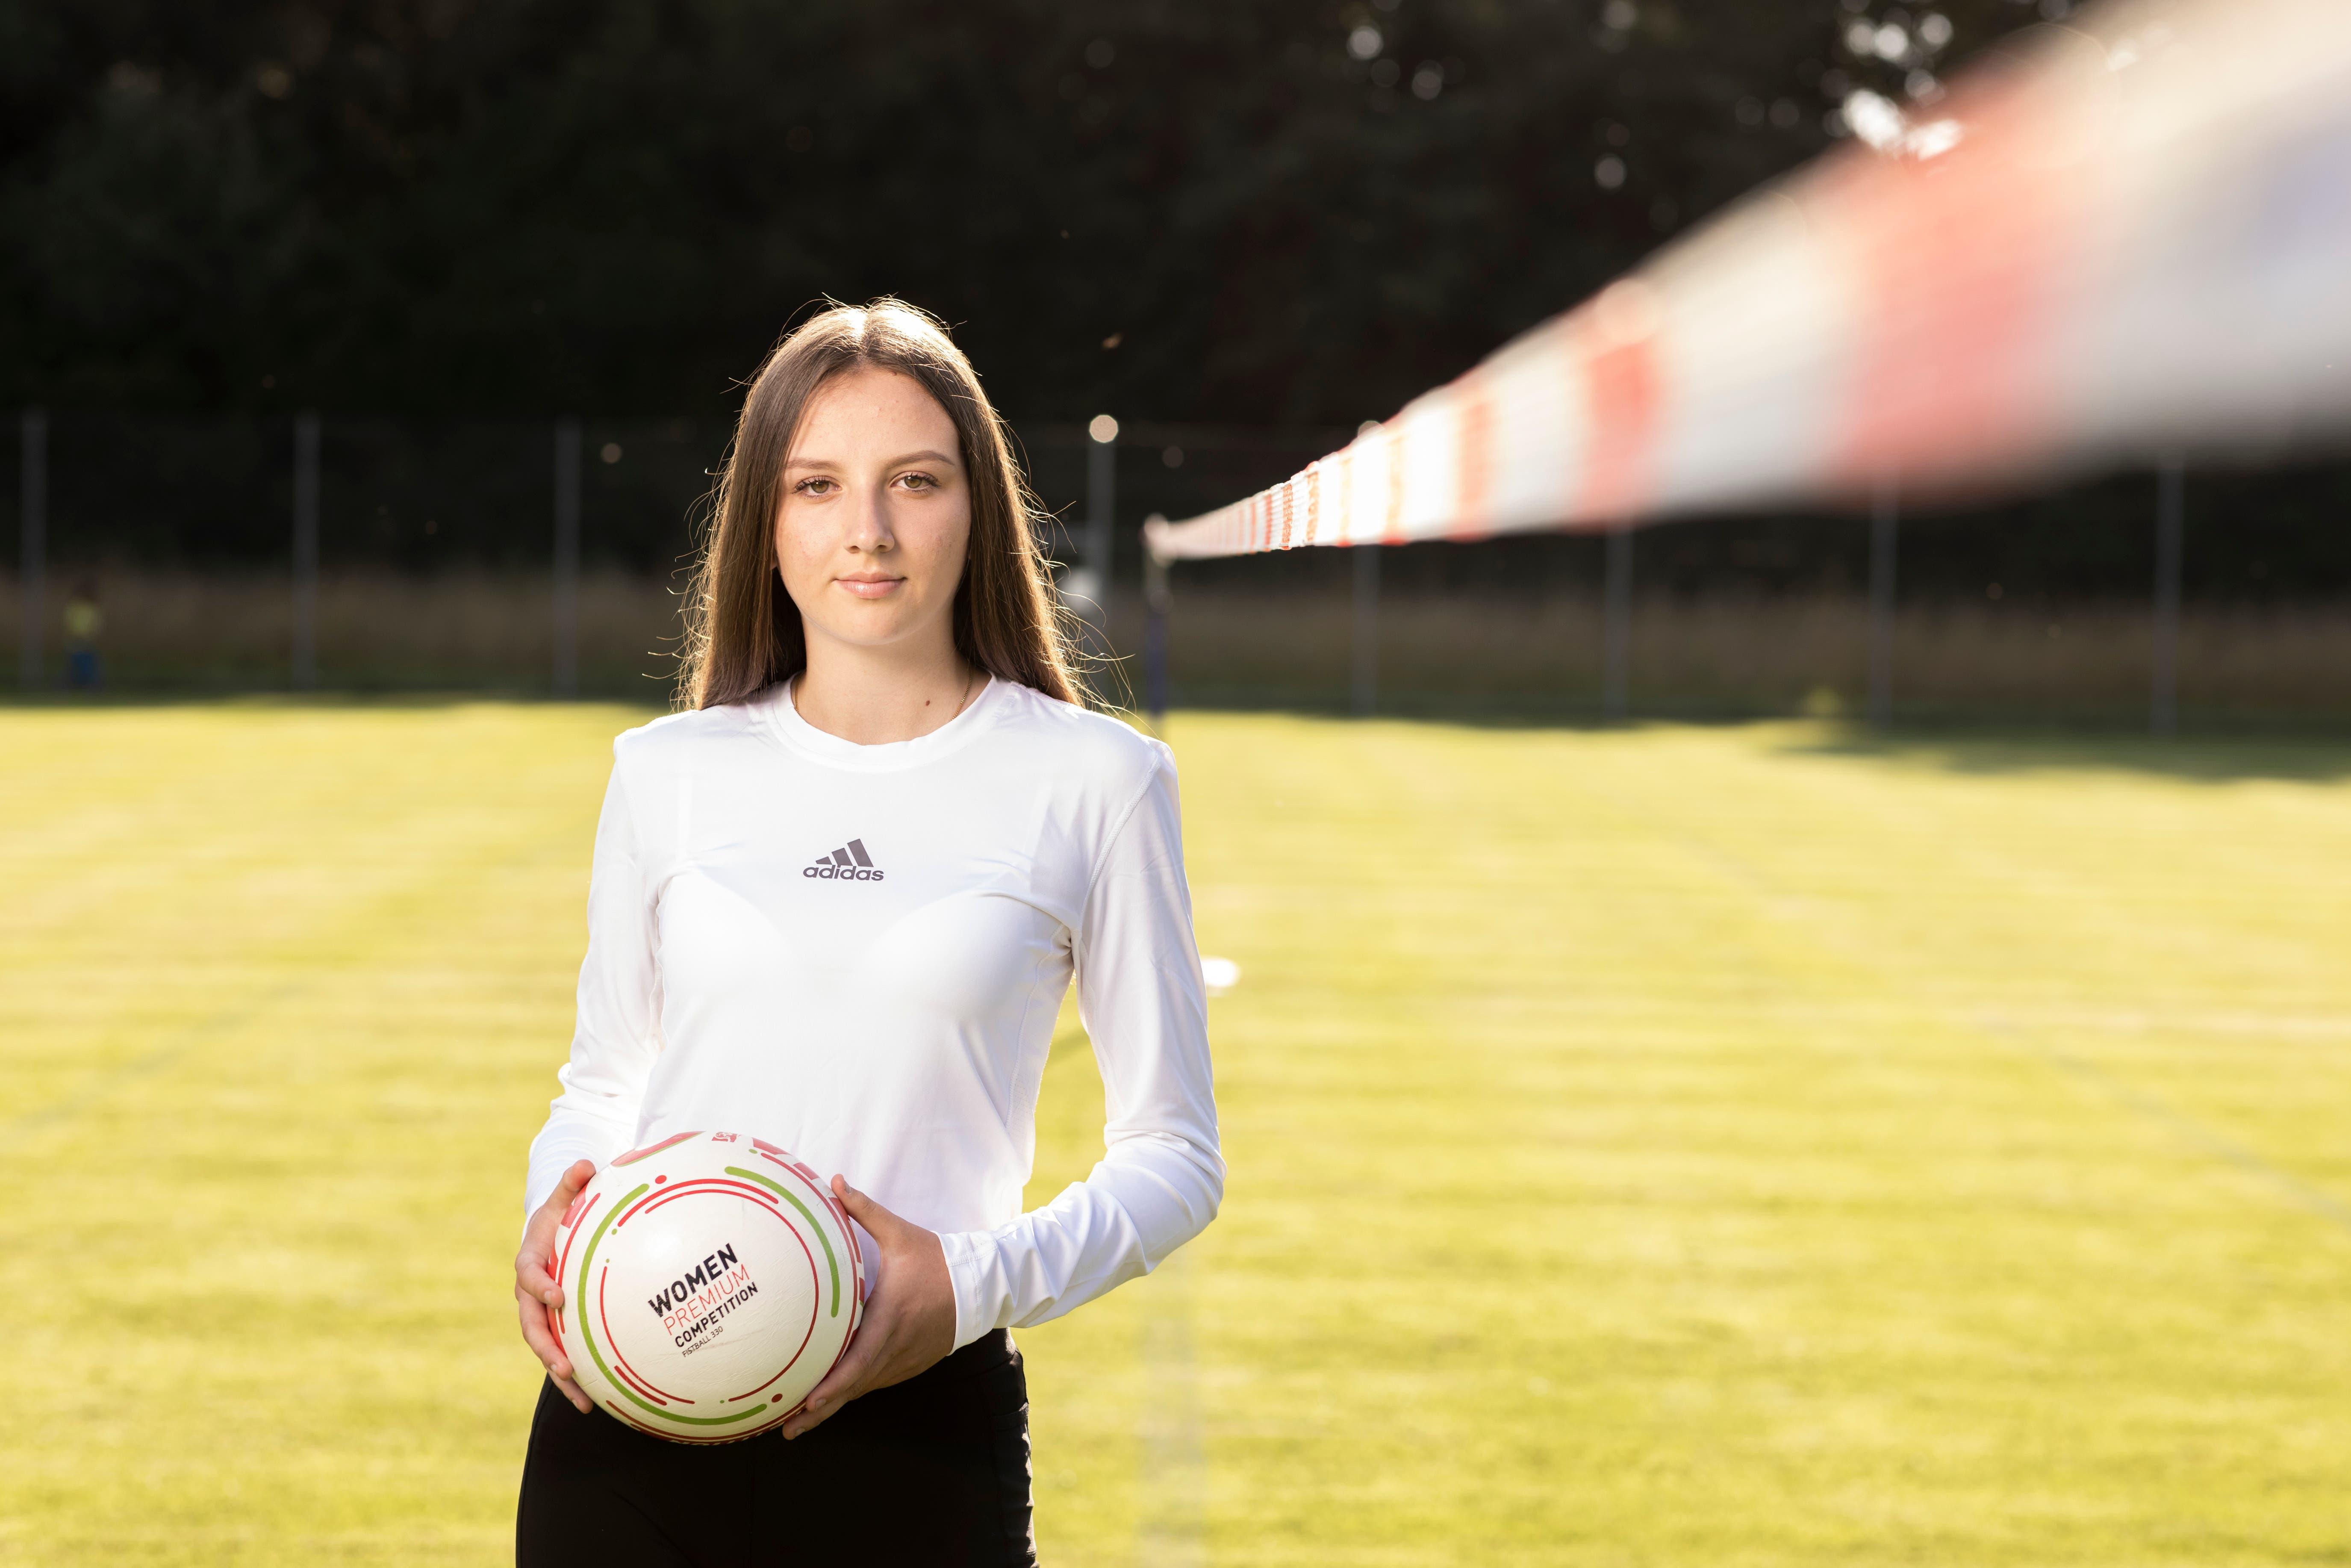 Grosse Ziele: Lana Paunovic aus Schlieren nimmt an der Faustball-WM für unter 18-Jährige in Österreich teil.